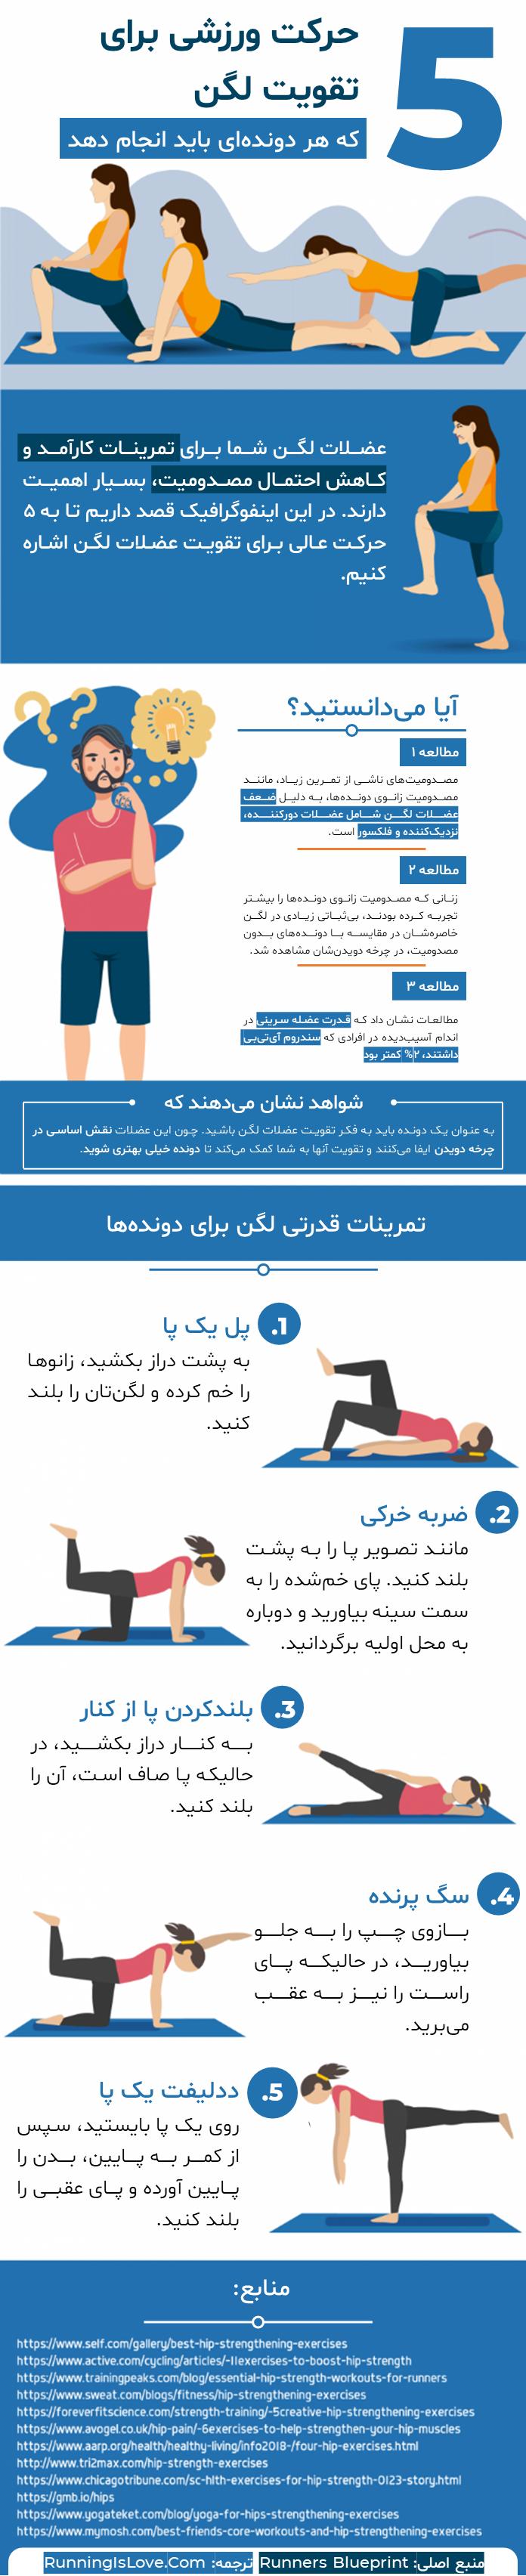 فواید تقویت عضلات لگن برای دوندهها